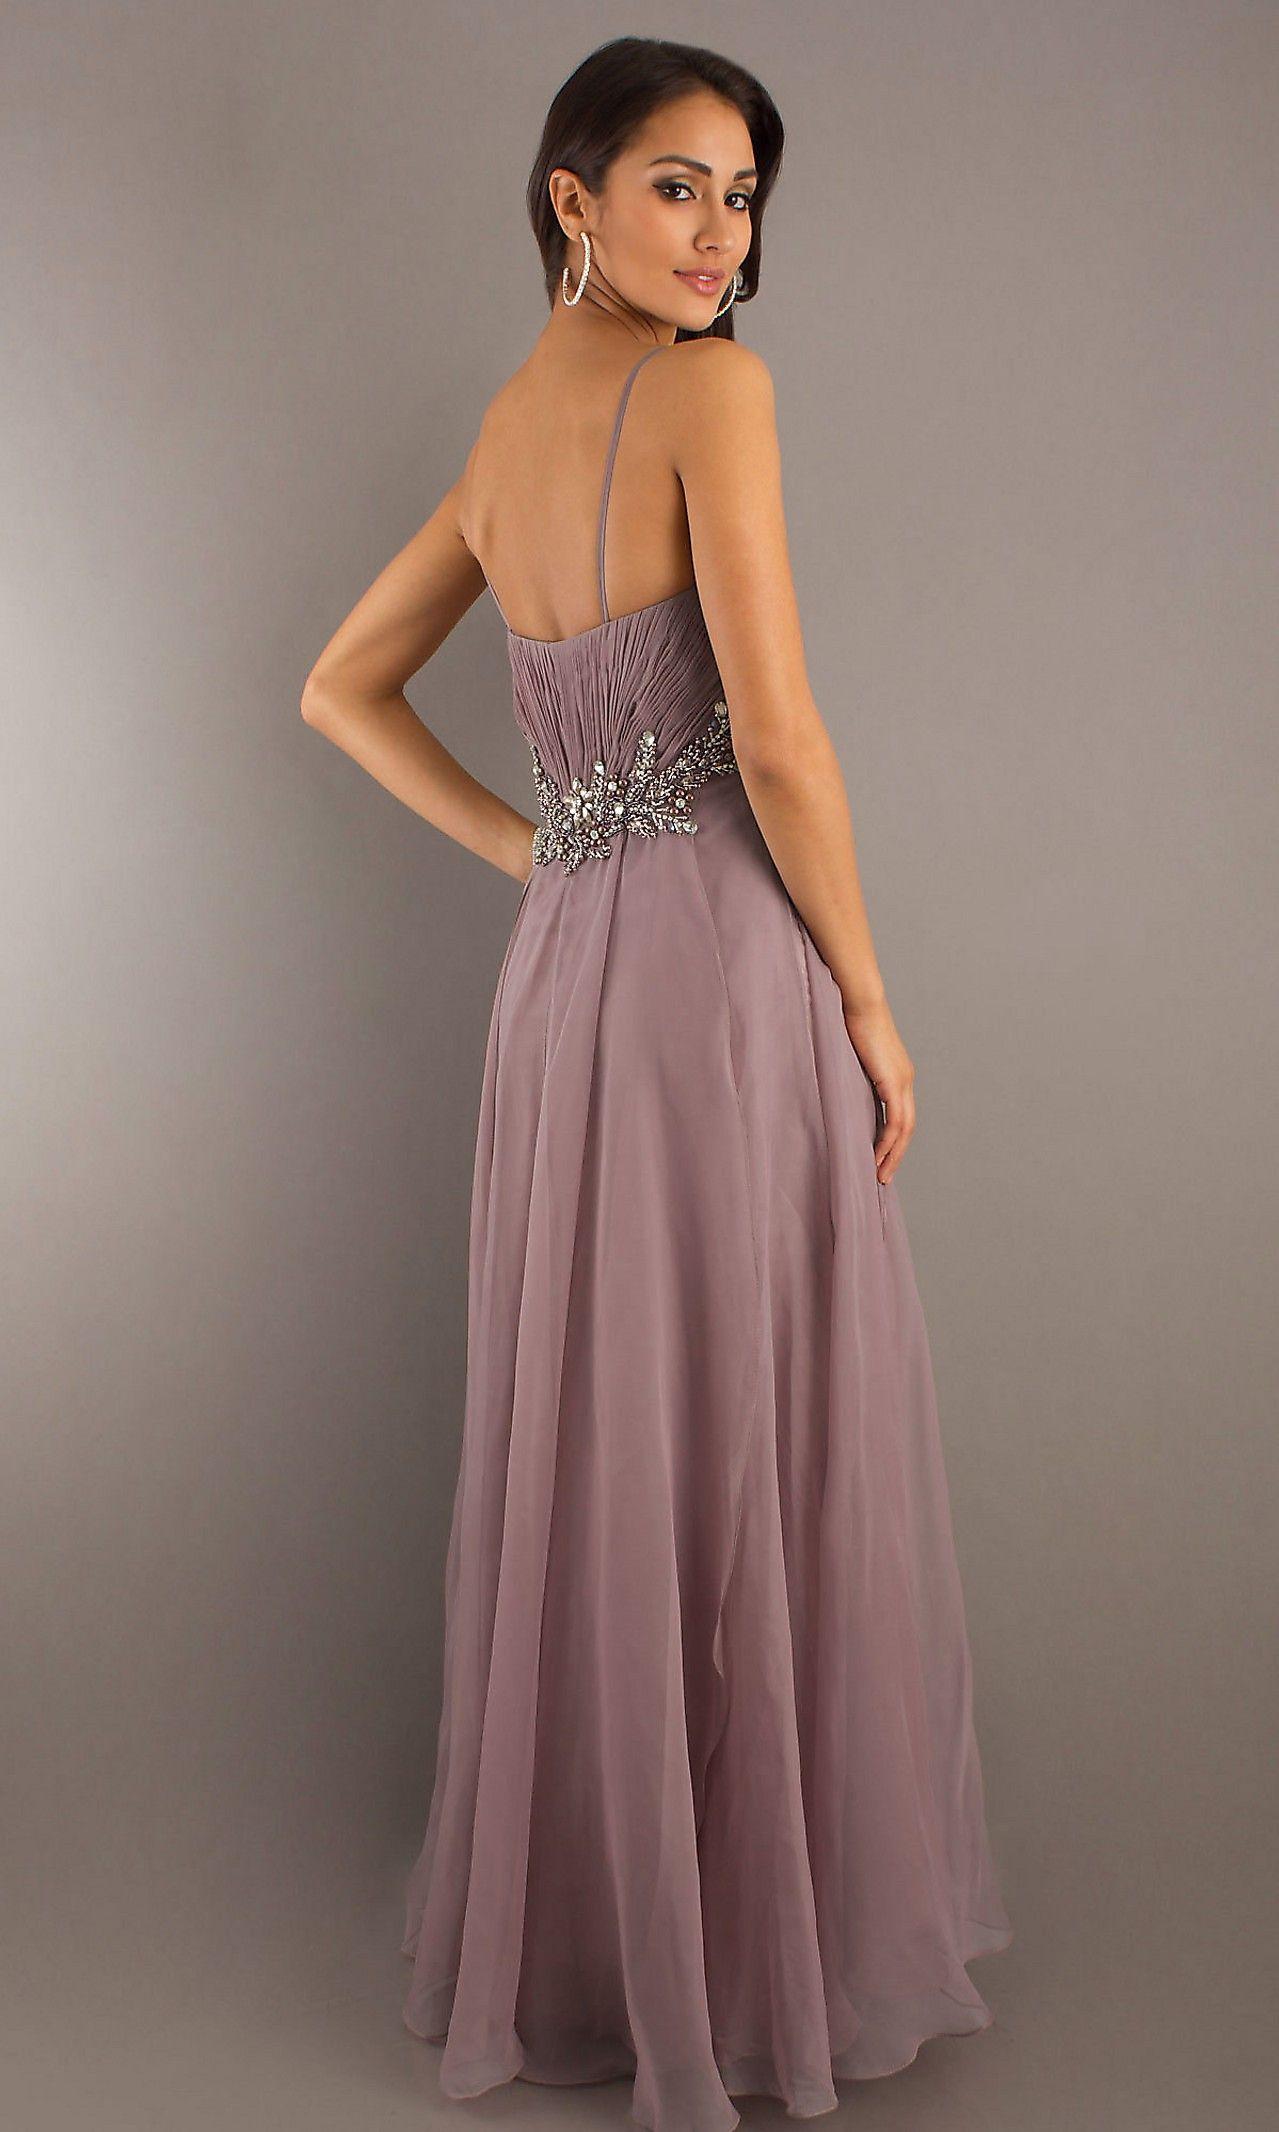 X paris prom dresses $50 and under